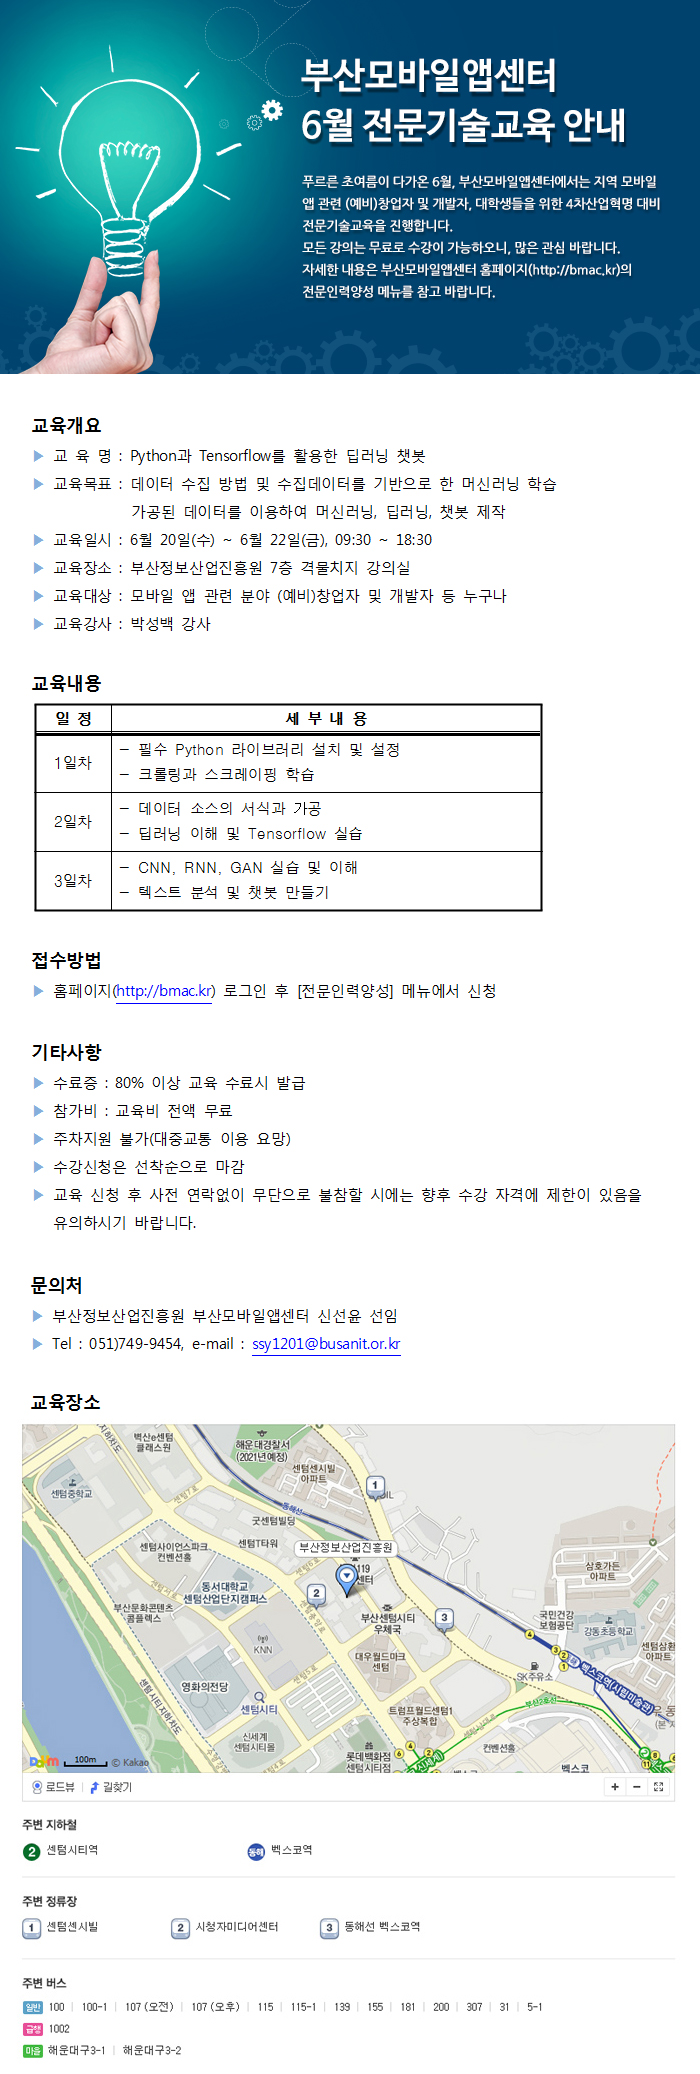 [부산모바일앱센터] 6월 전문기술 교육과정 안내